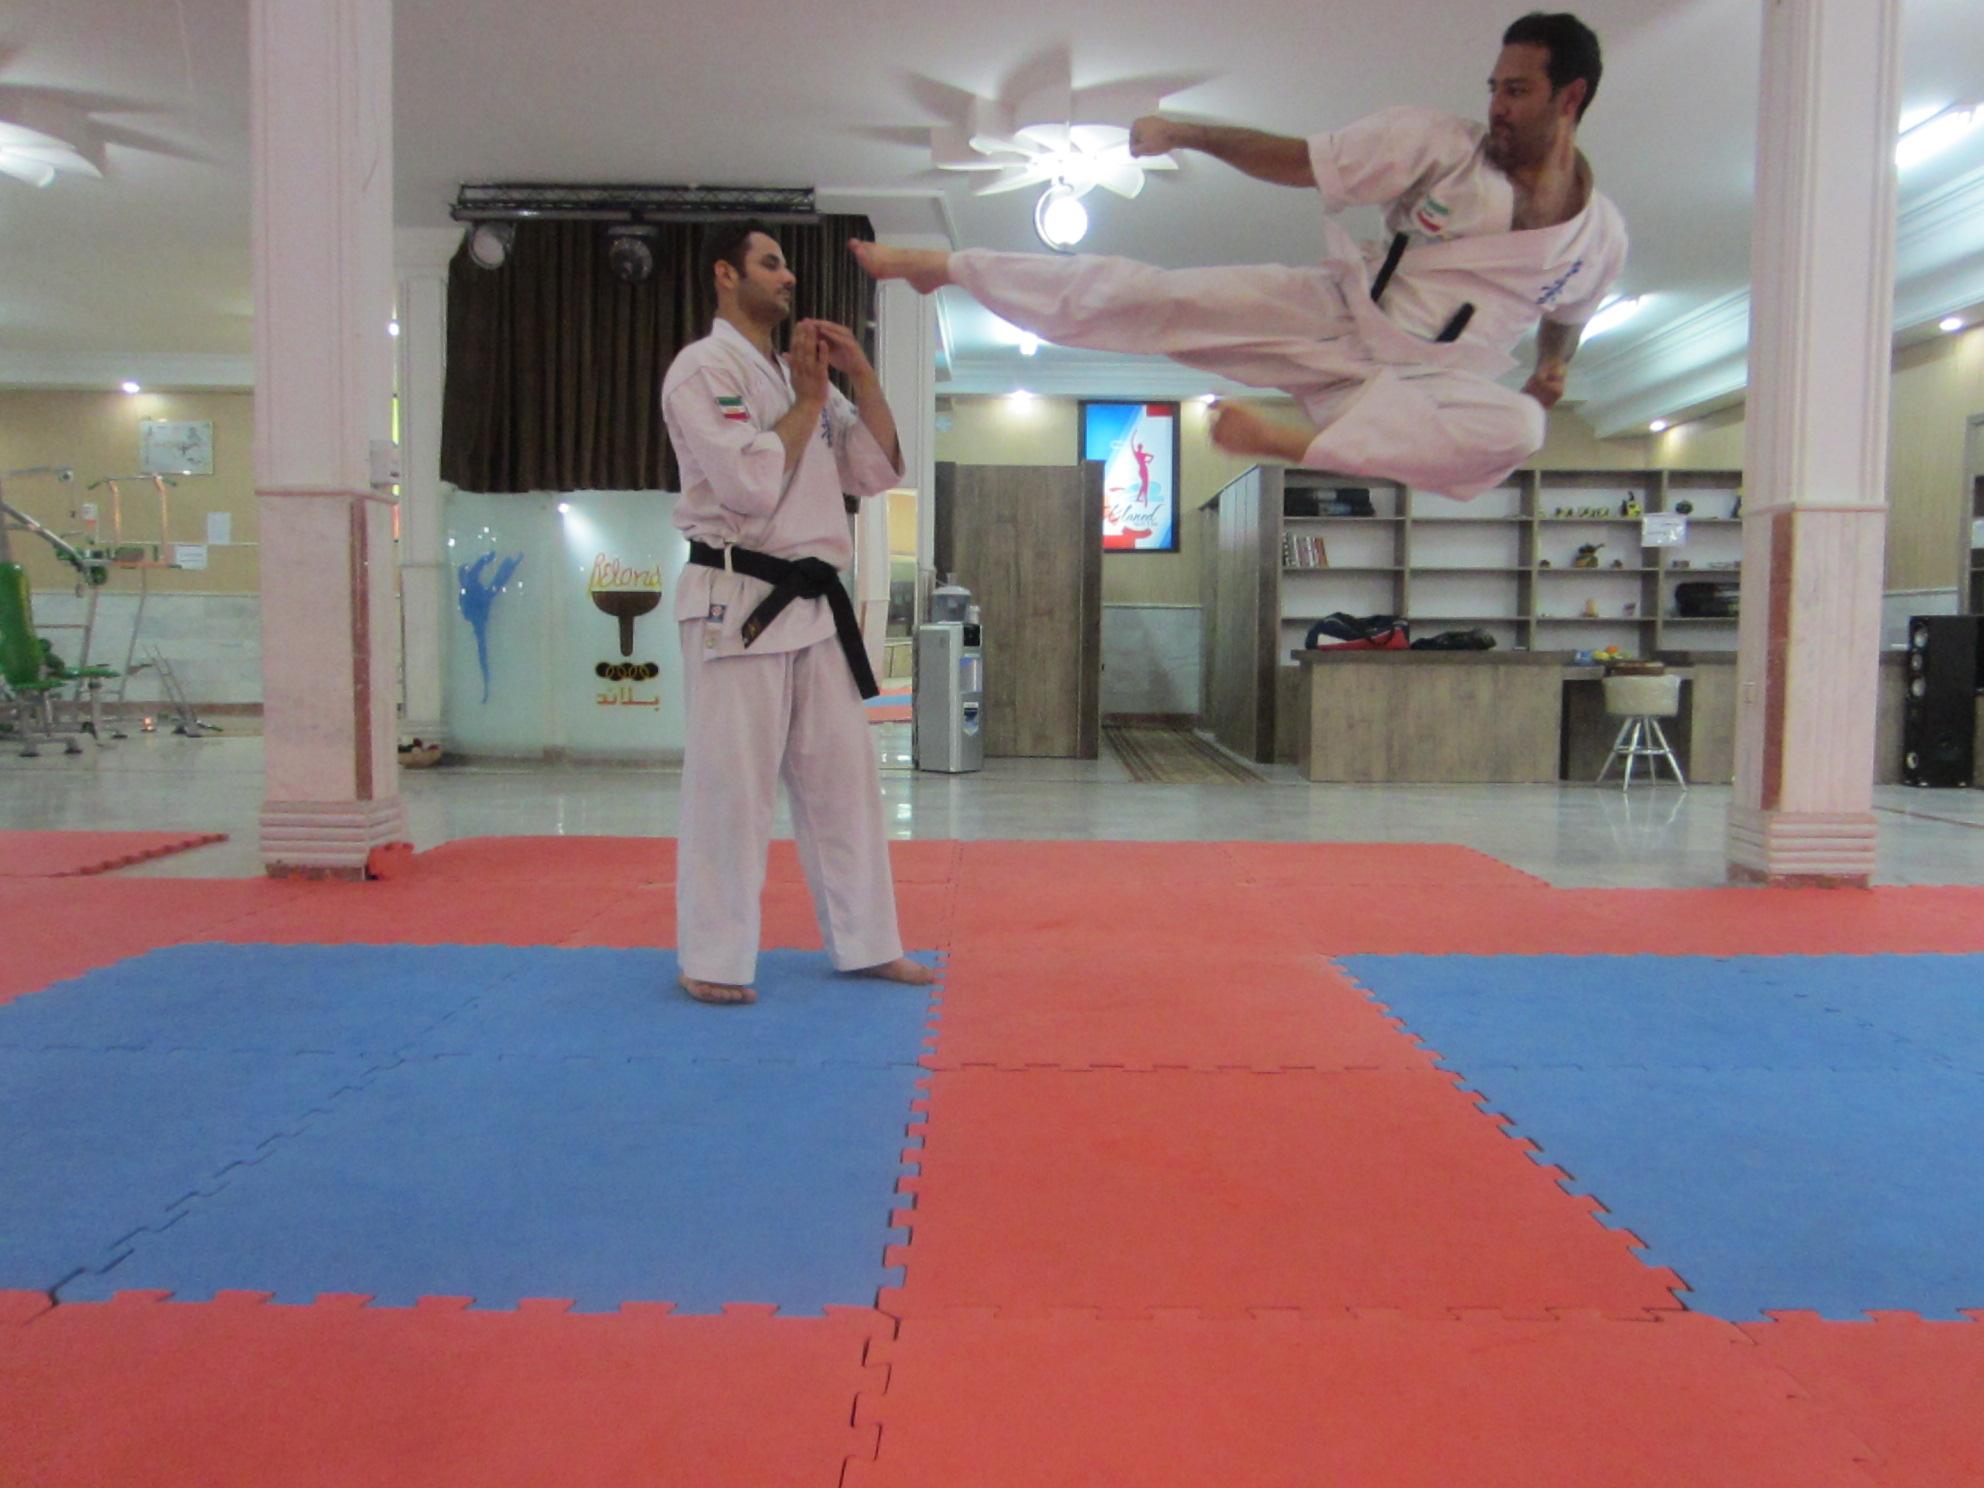 عکسهای نوشته کاراته کیوکوشین کاراته ماتسوشیما خراسان رضوی